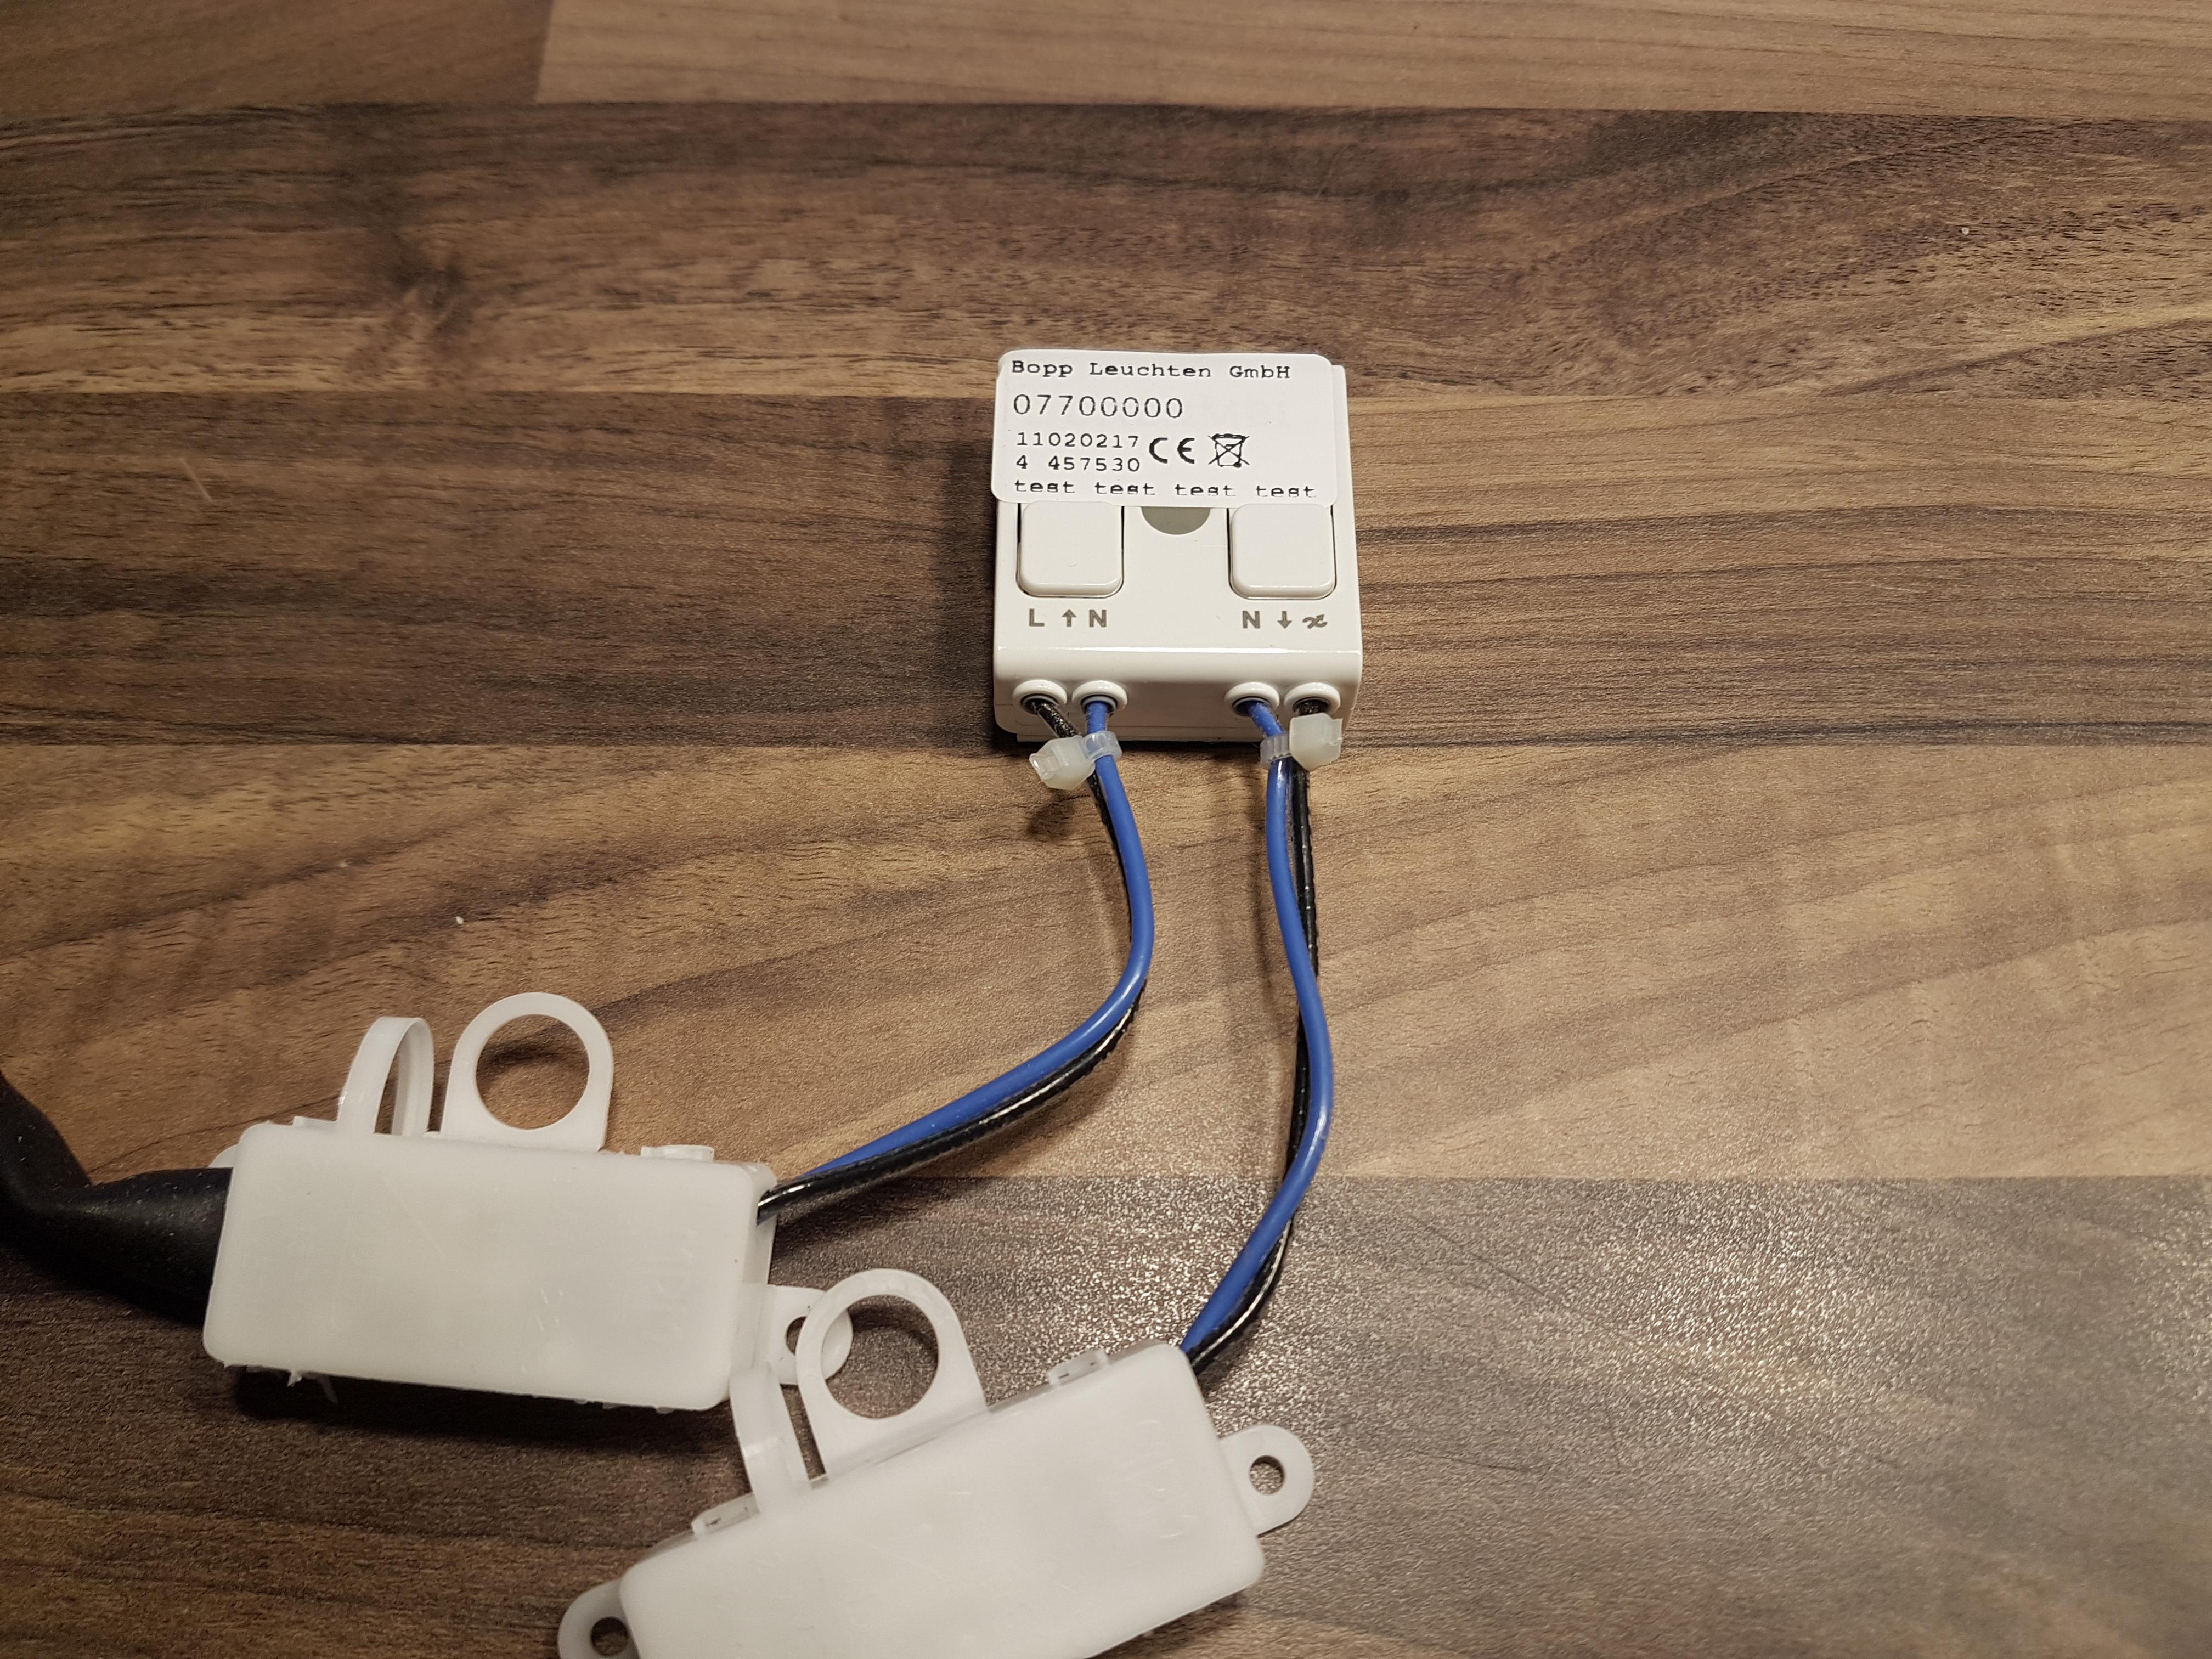 Dimmer von Bopp Leuchten CASAMBI Bluetooth- Nachrüstmodul für Leuchten von Bopp mit LED-Modulen 07700000